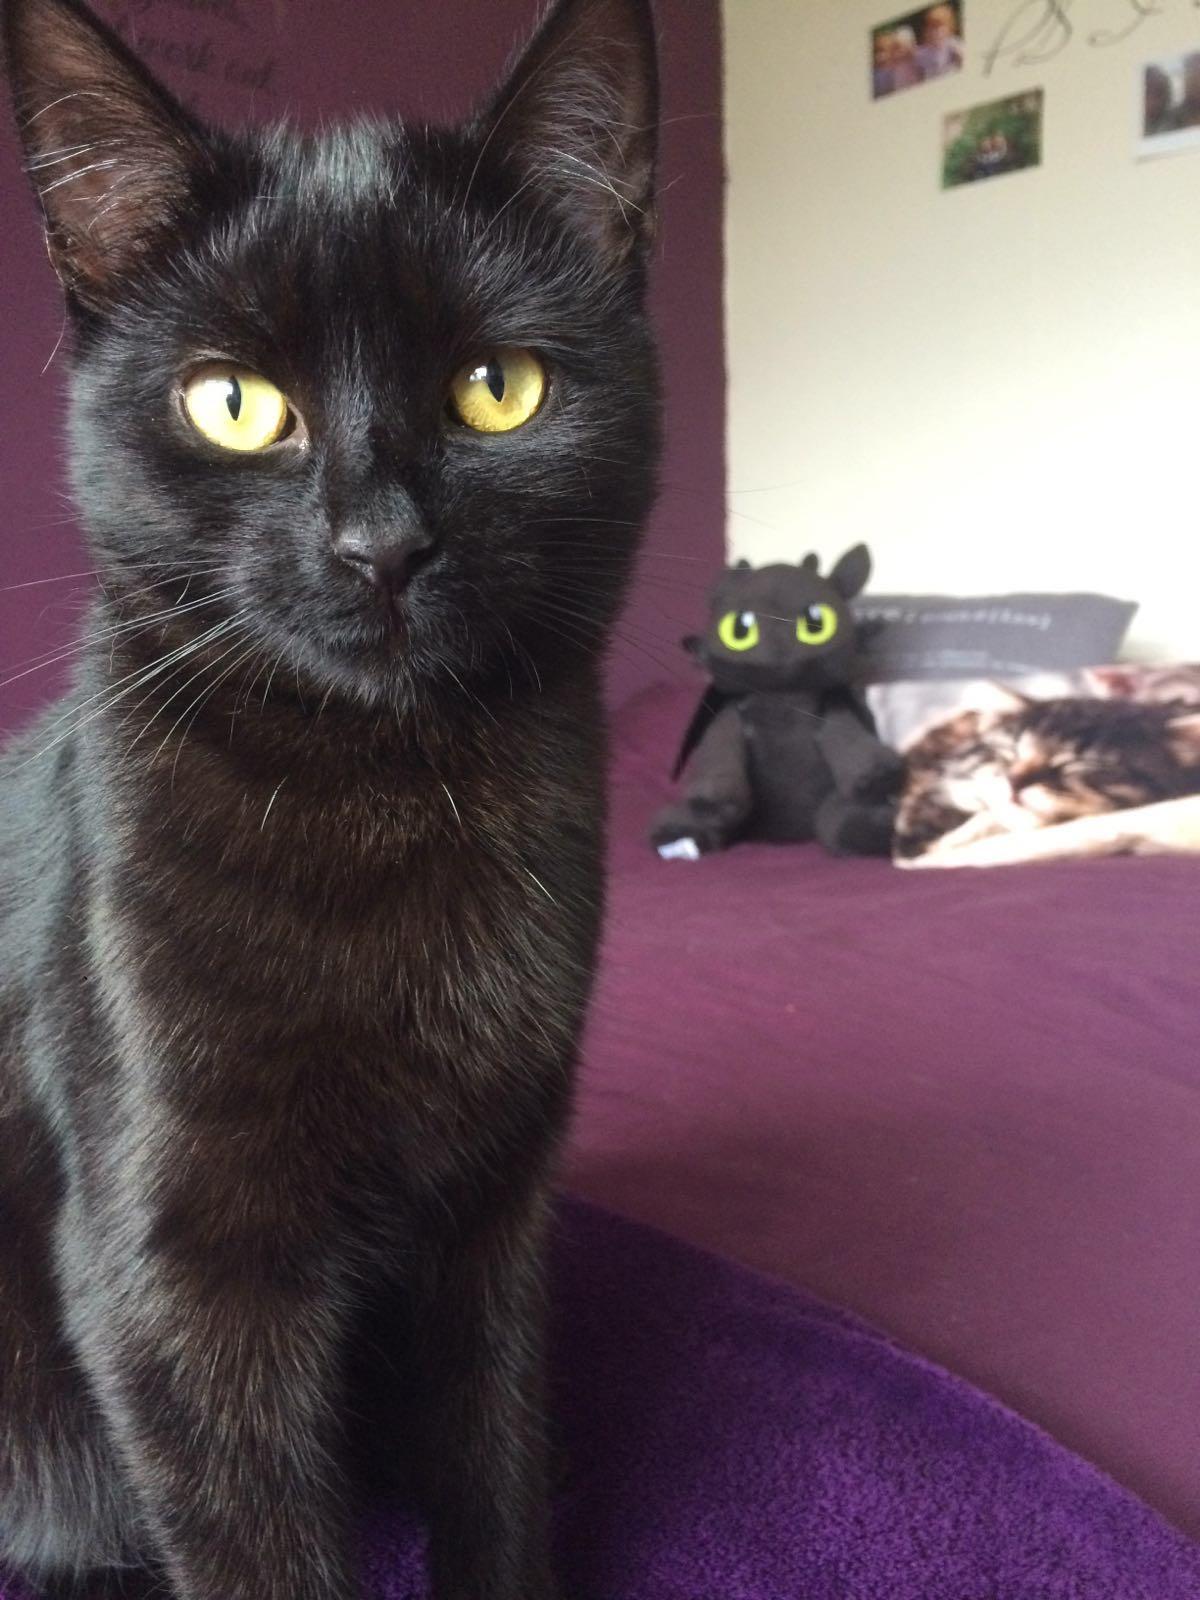 Funny cats - part 216, cute cat photos, adorable cat pics, best cat pic